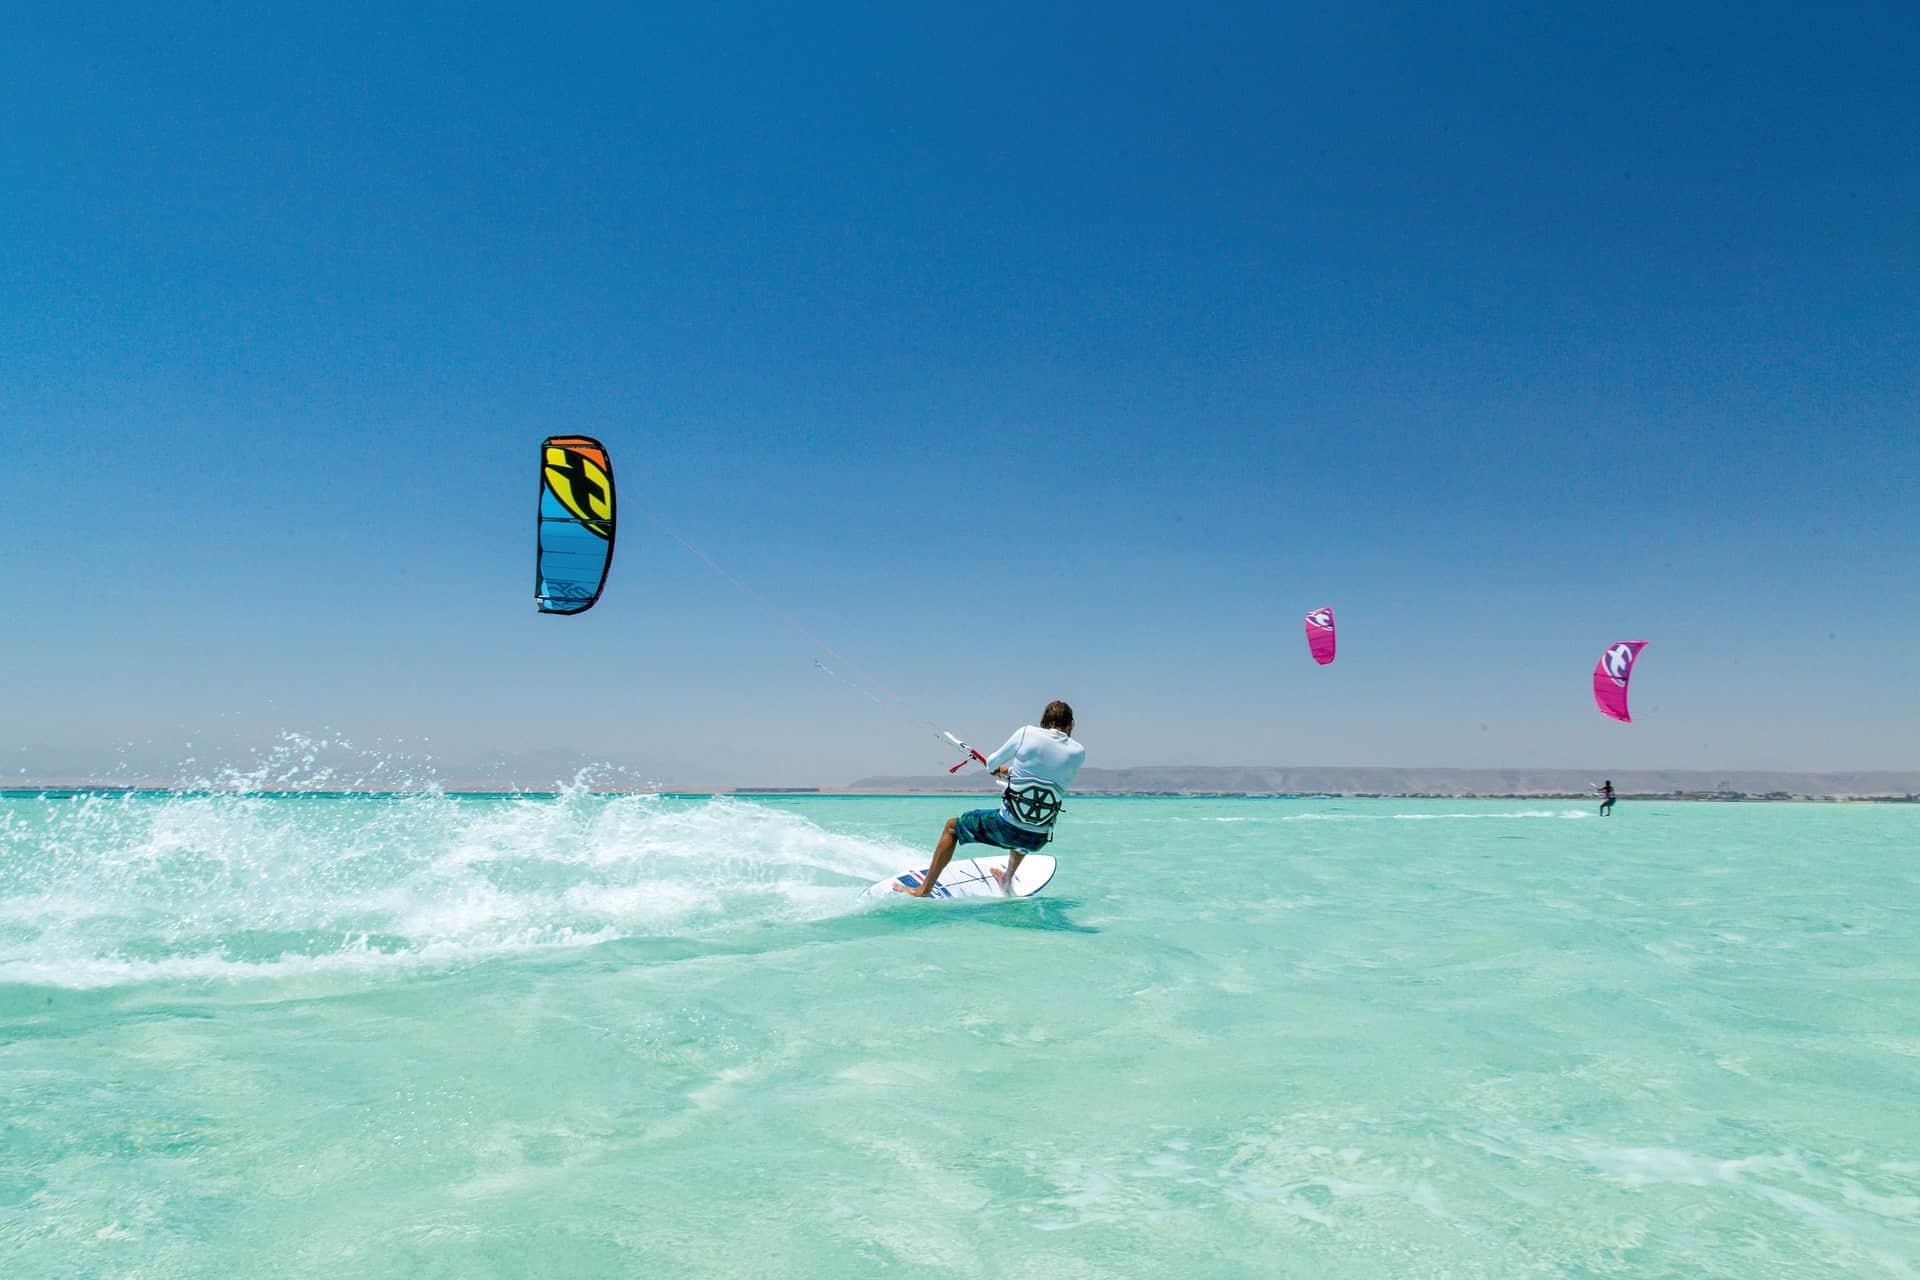 Hurghada Billig - Ferien im 4 Sterne Hotel 1 Woche nur 206,51€